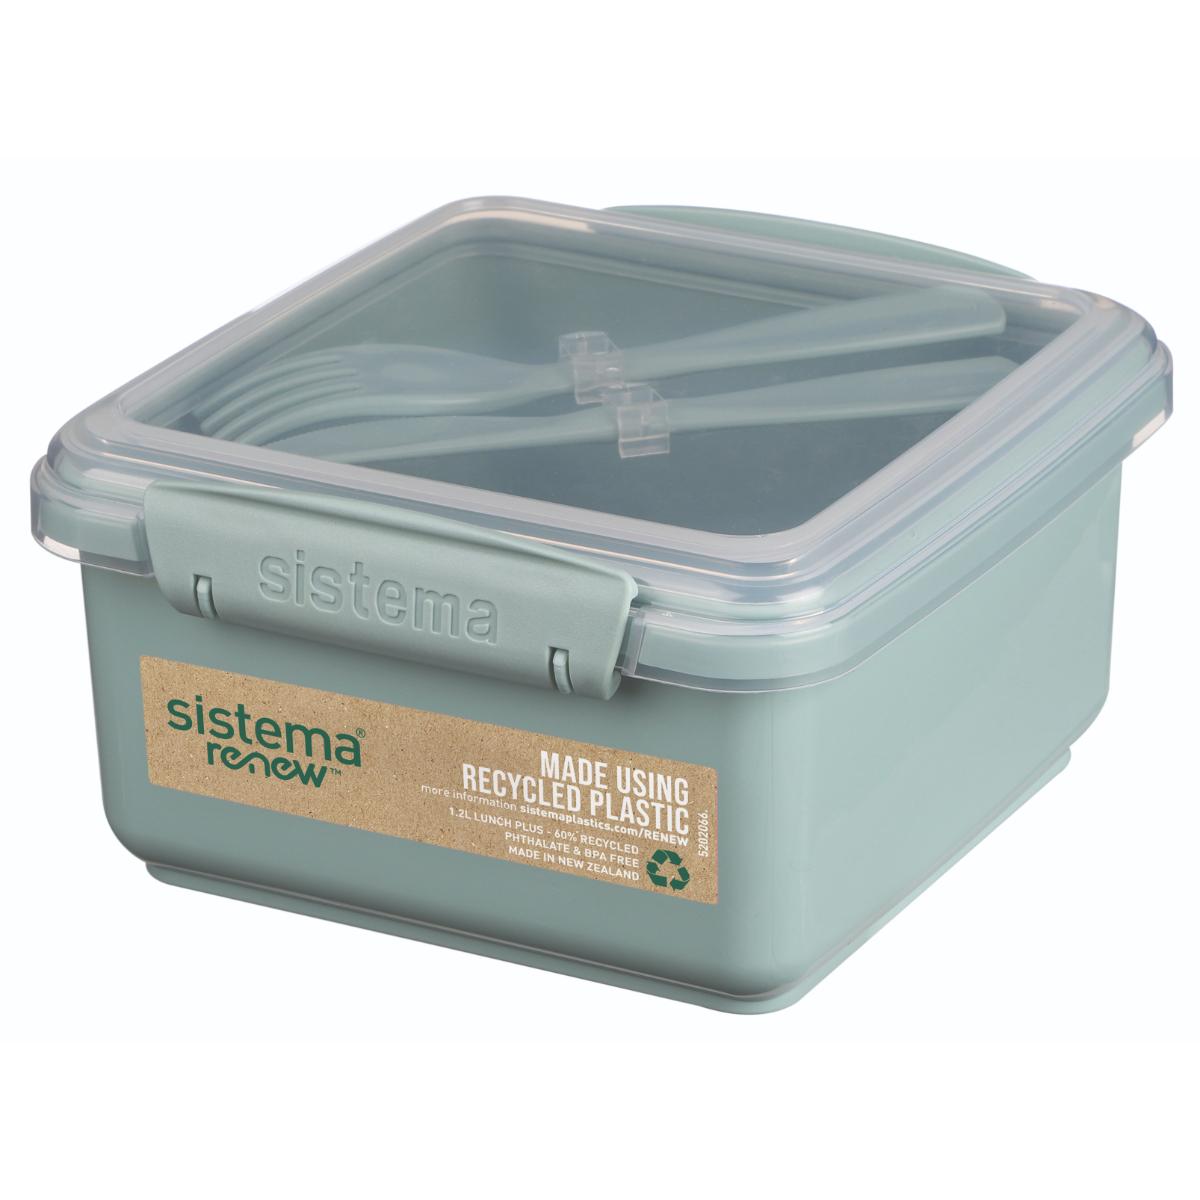 קופסת אוכל כוללת מזלג וסכין מעורב צבעים 1.2 ליטר